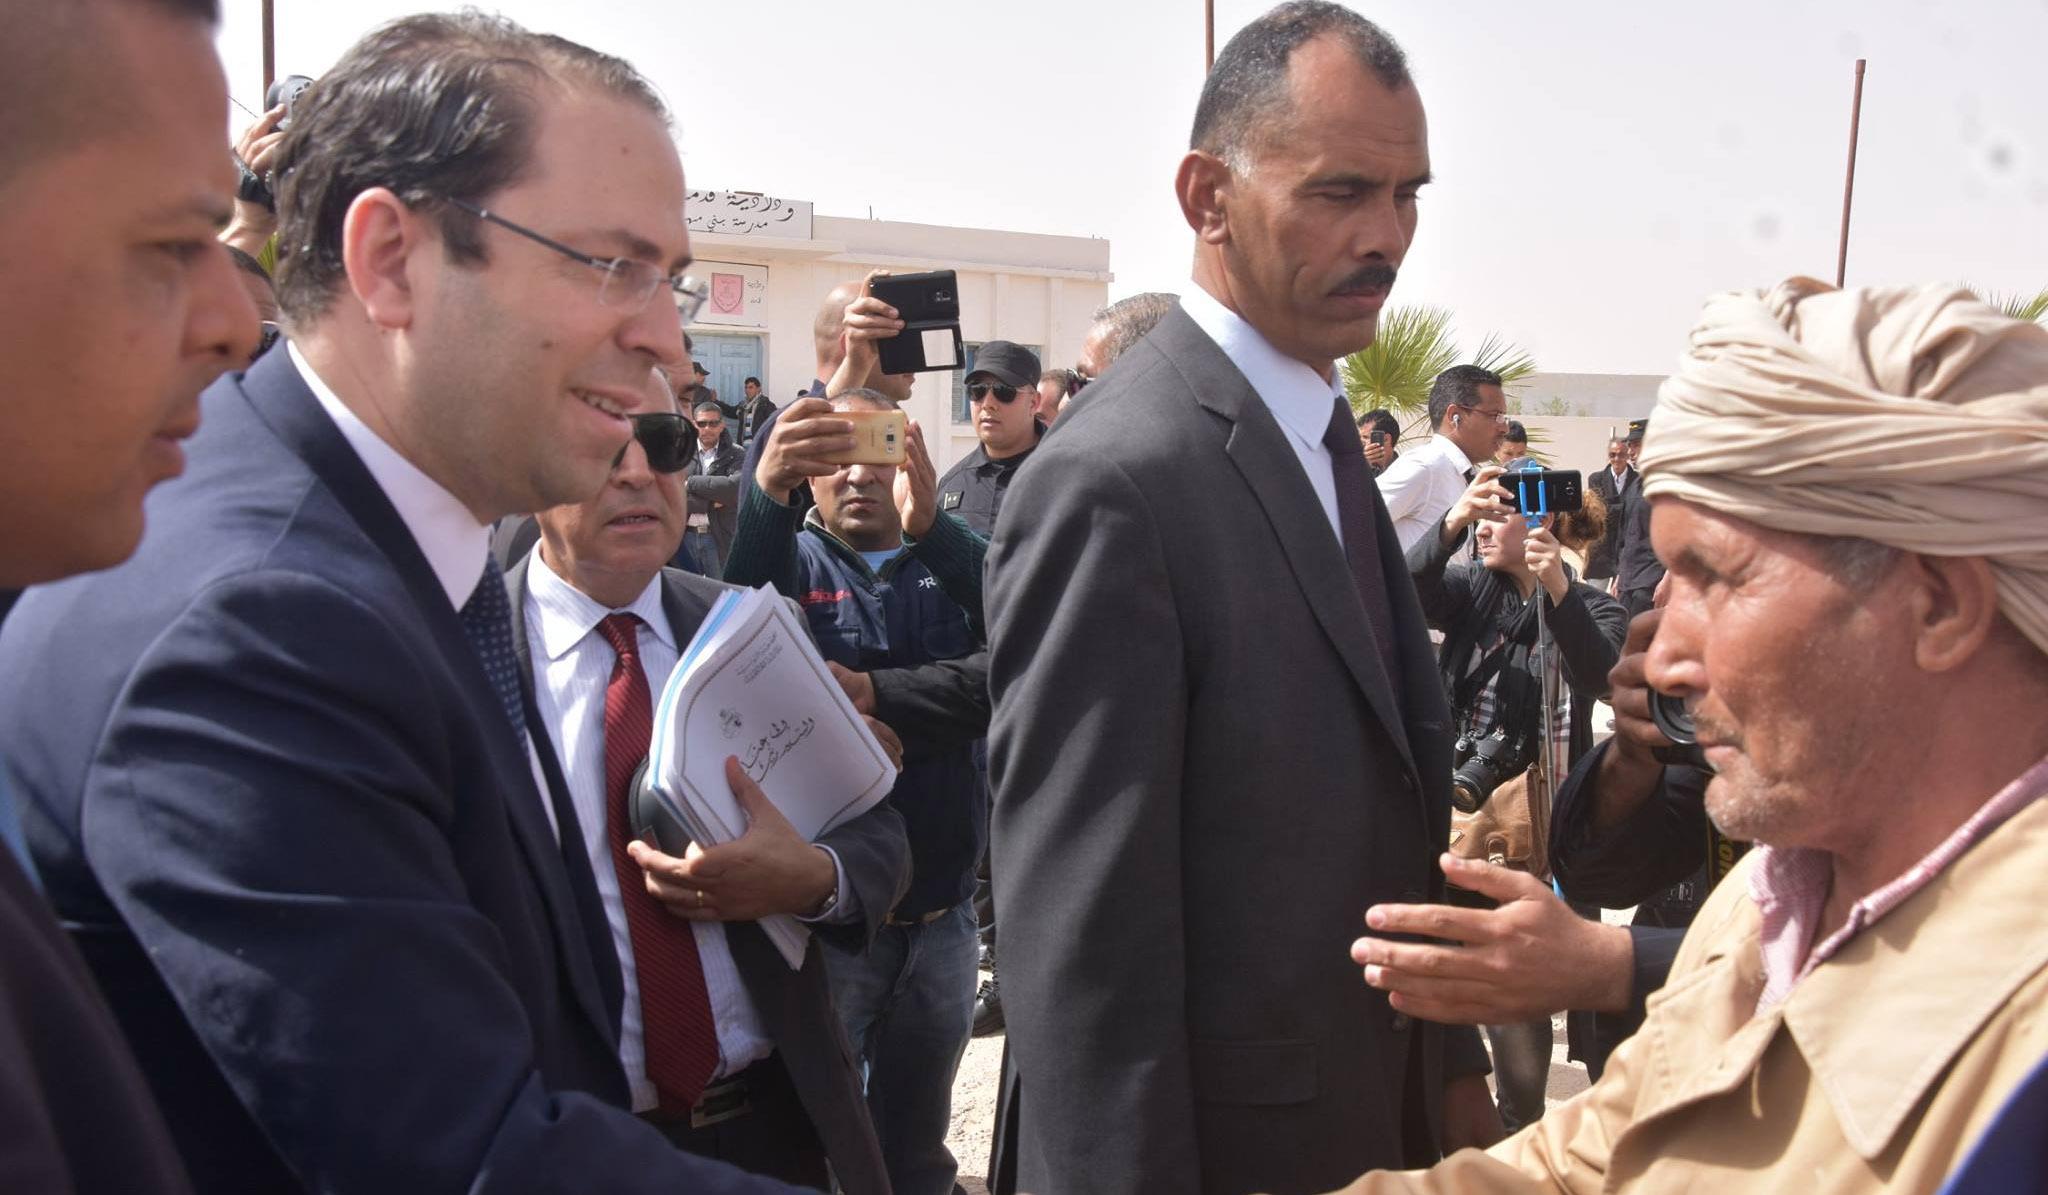 صورة اليوم: نظرة حادة من مواطن بتطاوين للشاهد ورئاسة الحكومة تحذف الصورة